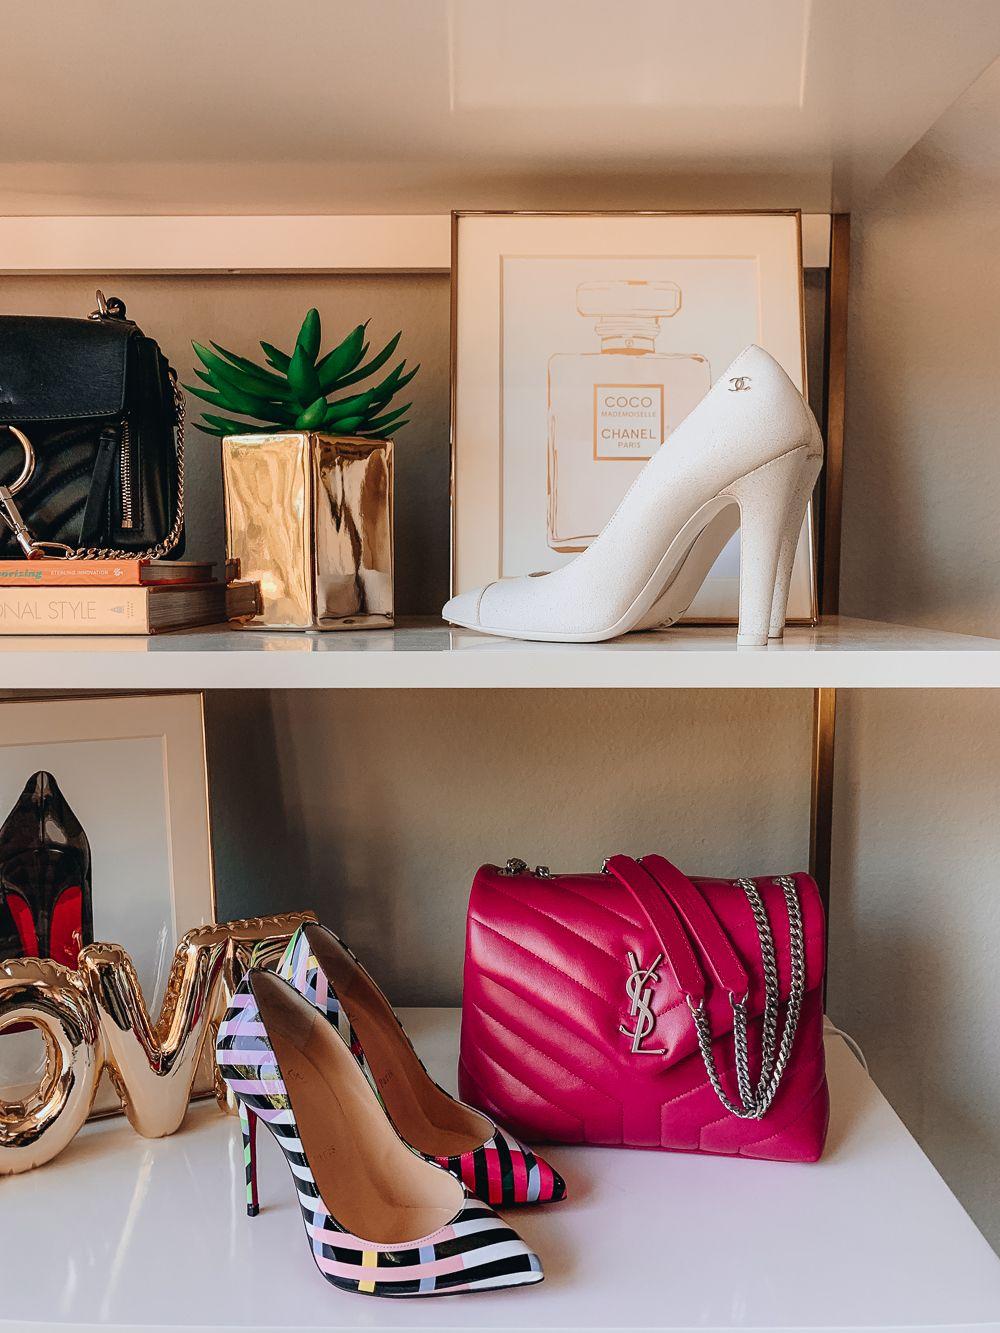 designer shopping haul, designer bag